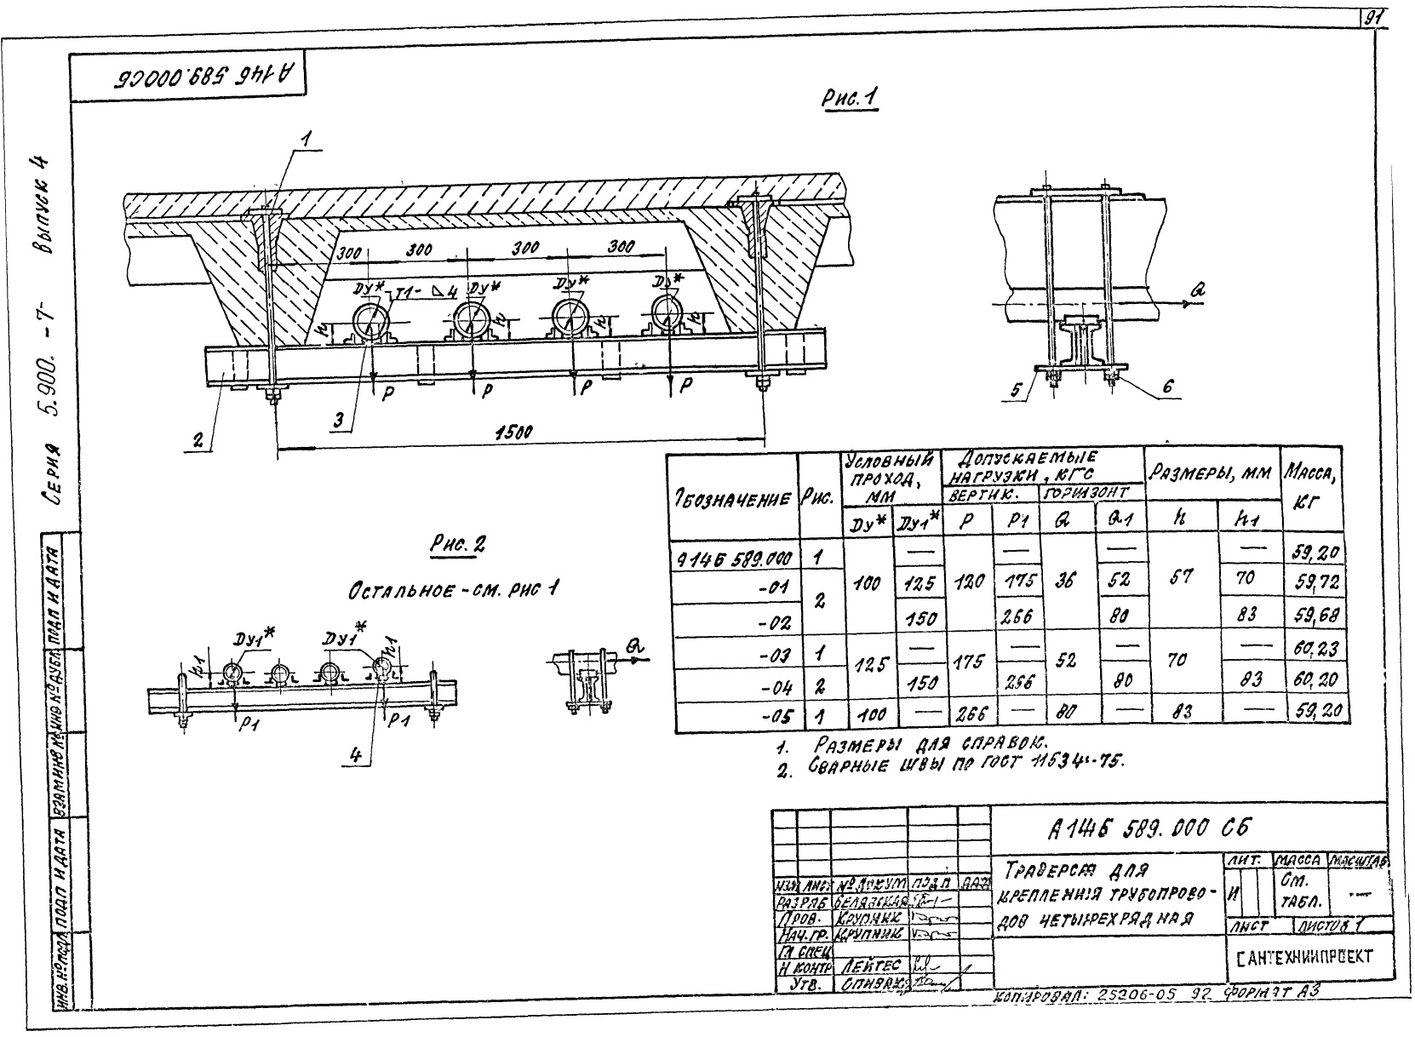 Траверса для крепления трубопроводов четырехрядная А14Б 589.000 СБ Серия 5.900-7 выпуск 4 стр.1